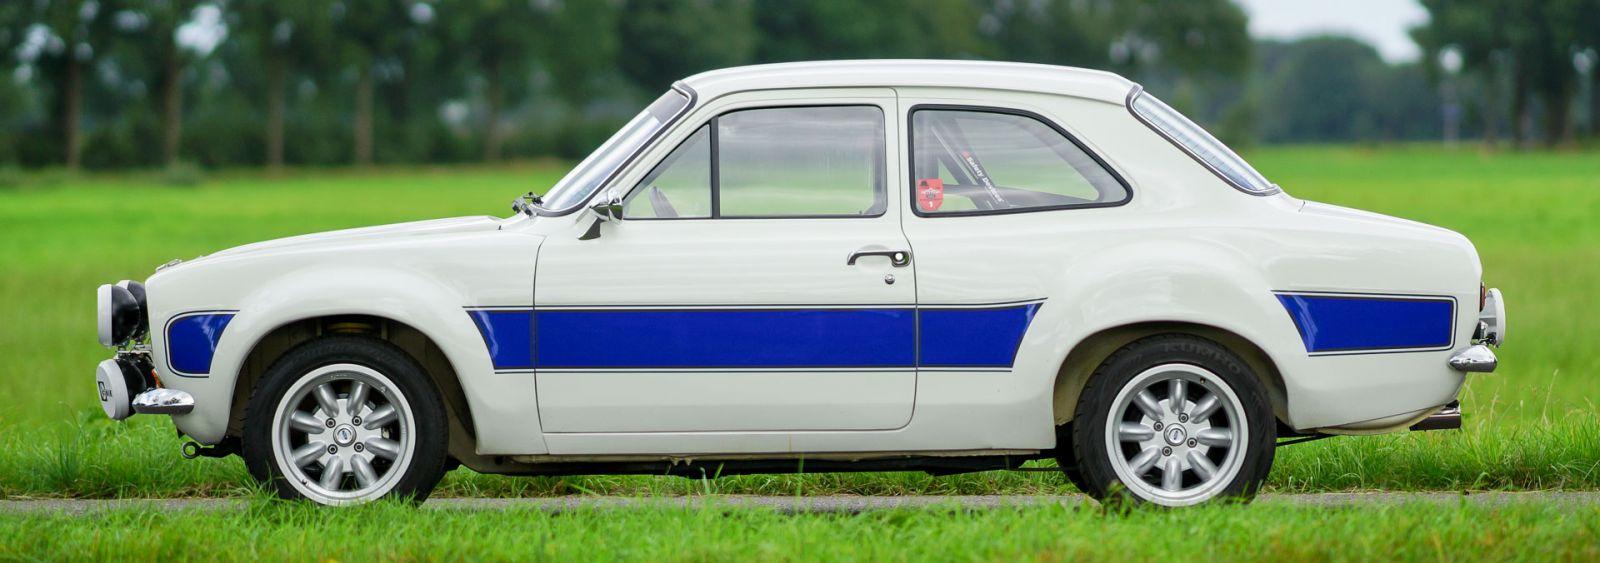 Ford Escort Mk I rally car 1970 & Ford Escort Mk I rally car 1970 - Welcome to ClassiCarGarage markmcfarlin.com